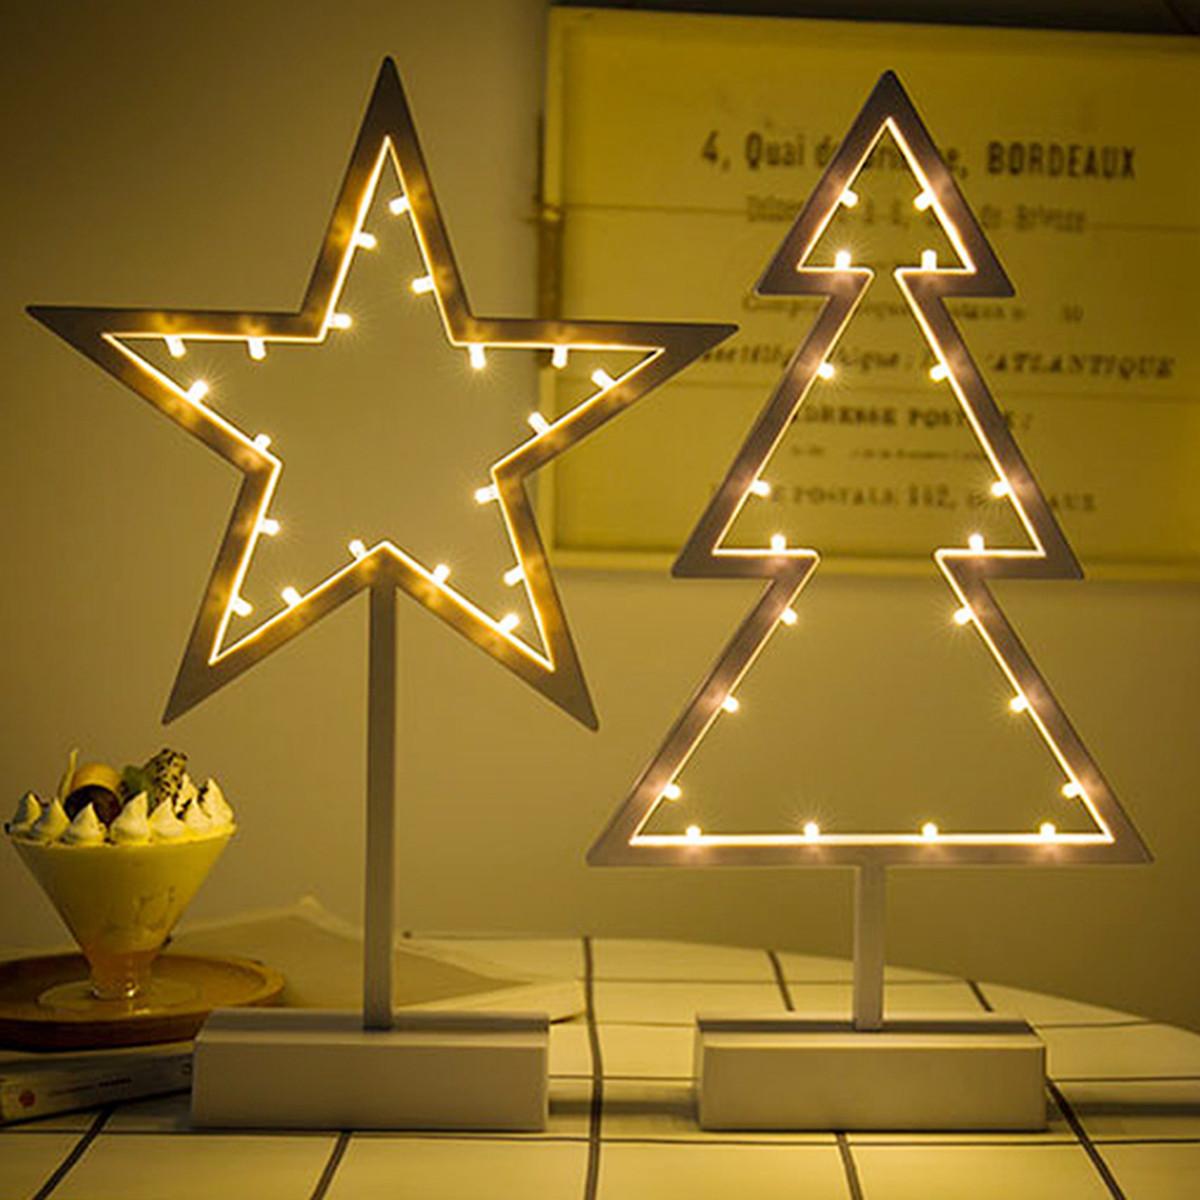 20LED-Heart-Start-Light-39CM-Free-Standing-Table-Lamp-Tree-Wedding-Light-Decor